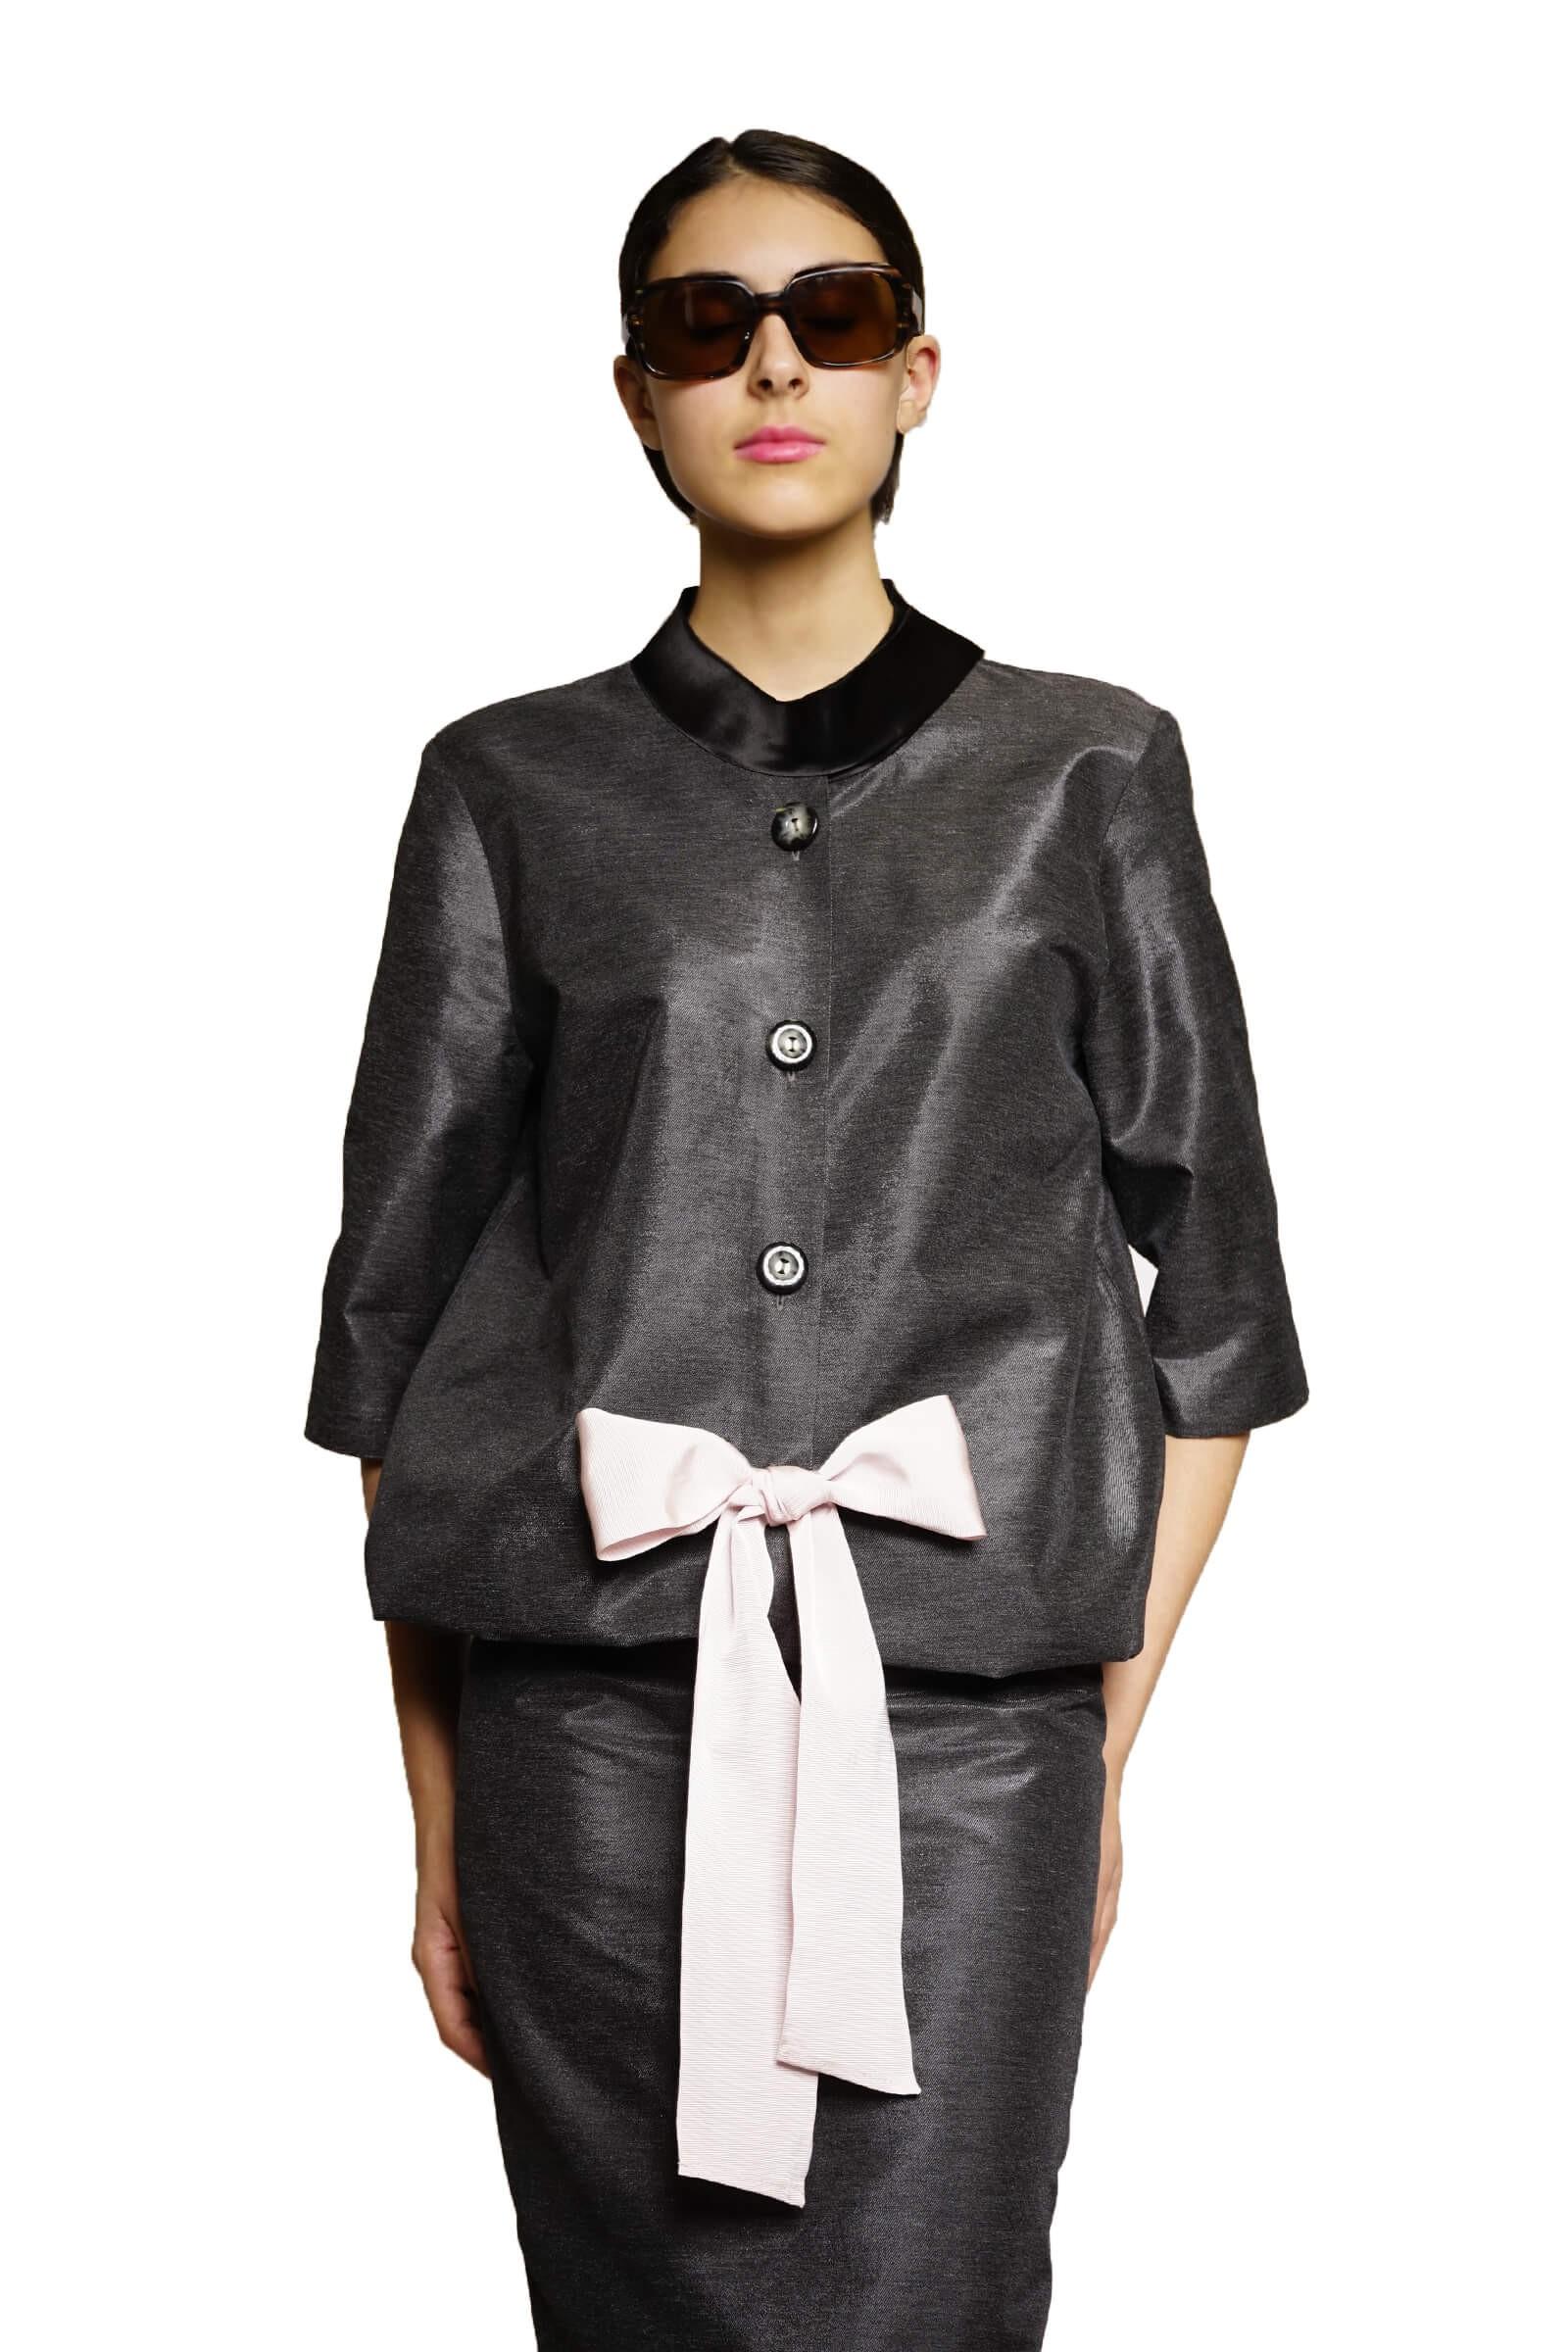 Black blazer with a bow